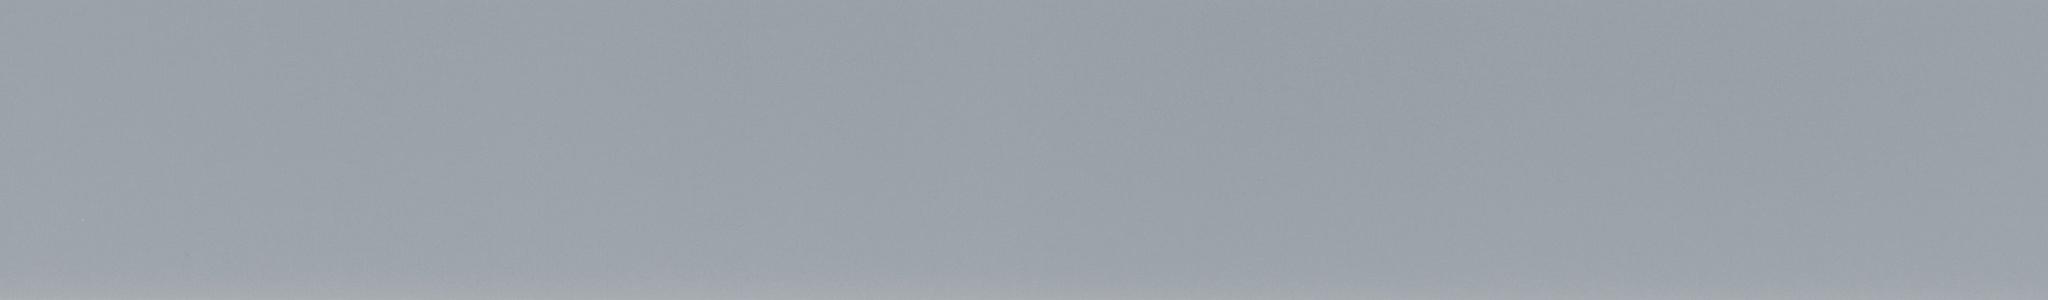 HU 17732 ABS hrana šedá hladká lesk 90°